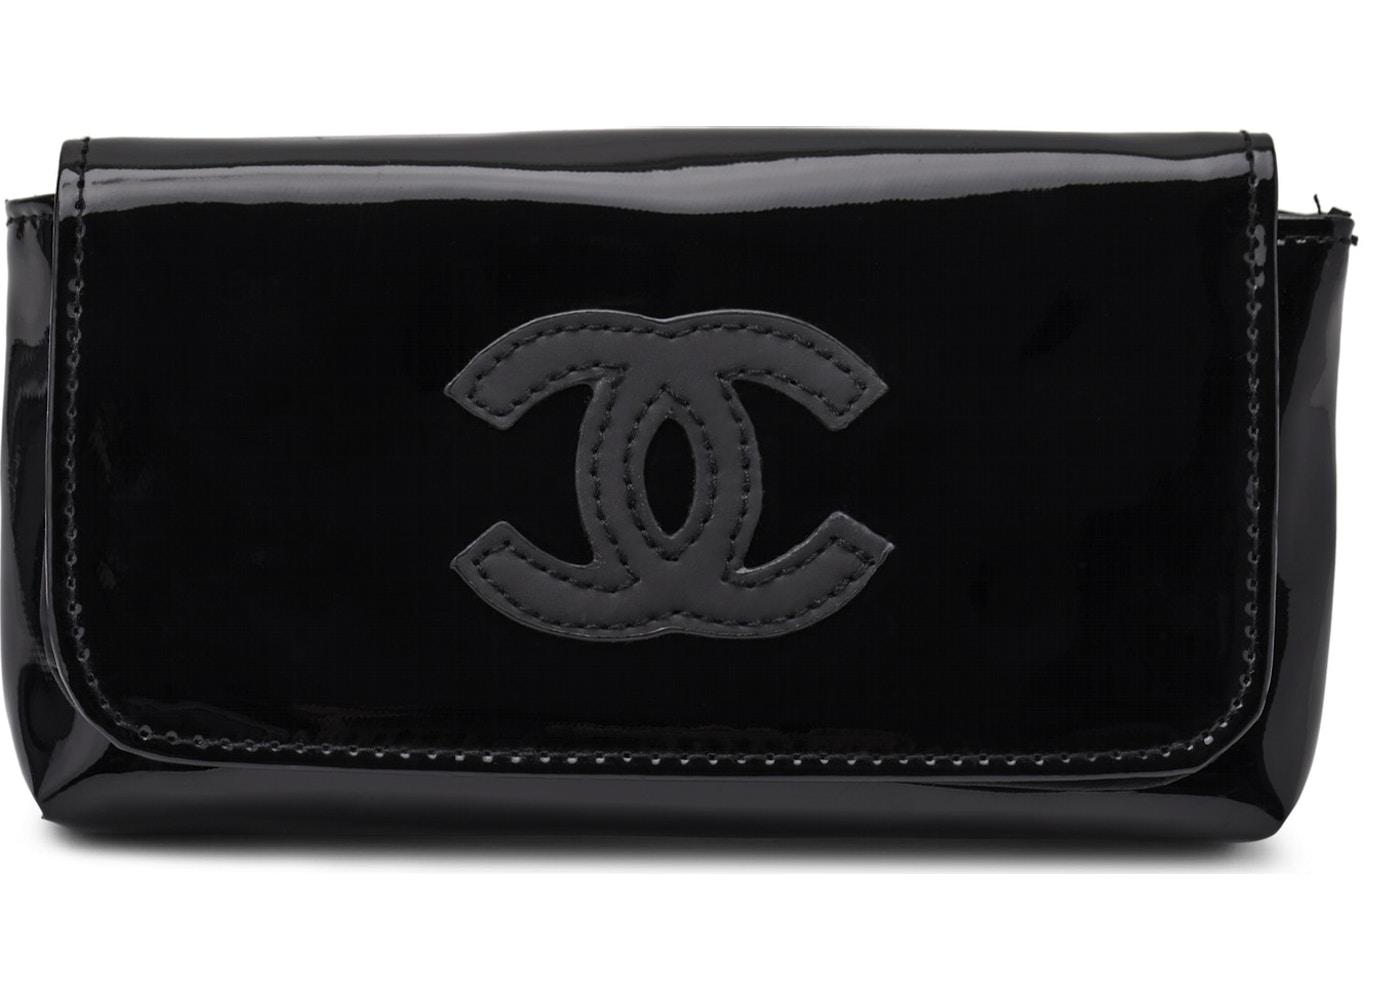 8740d62278ef Chanel VIP Belt Bag Black. Black